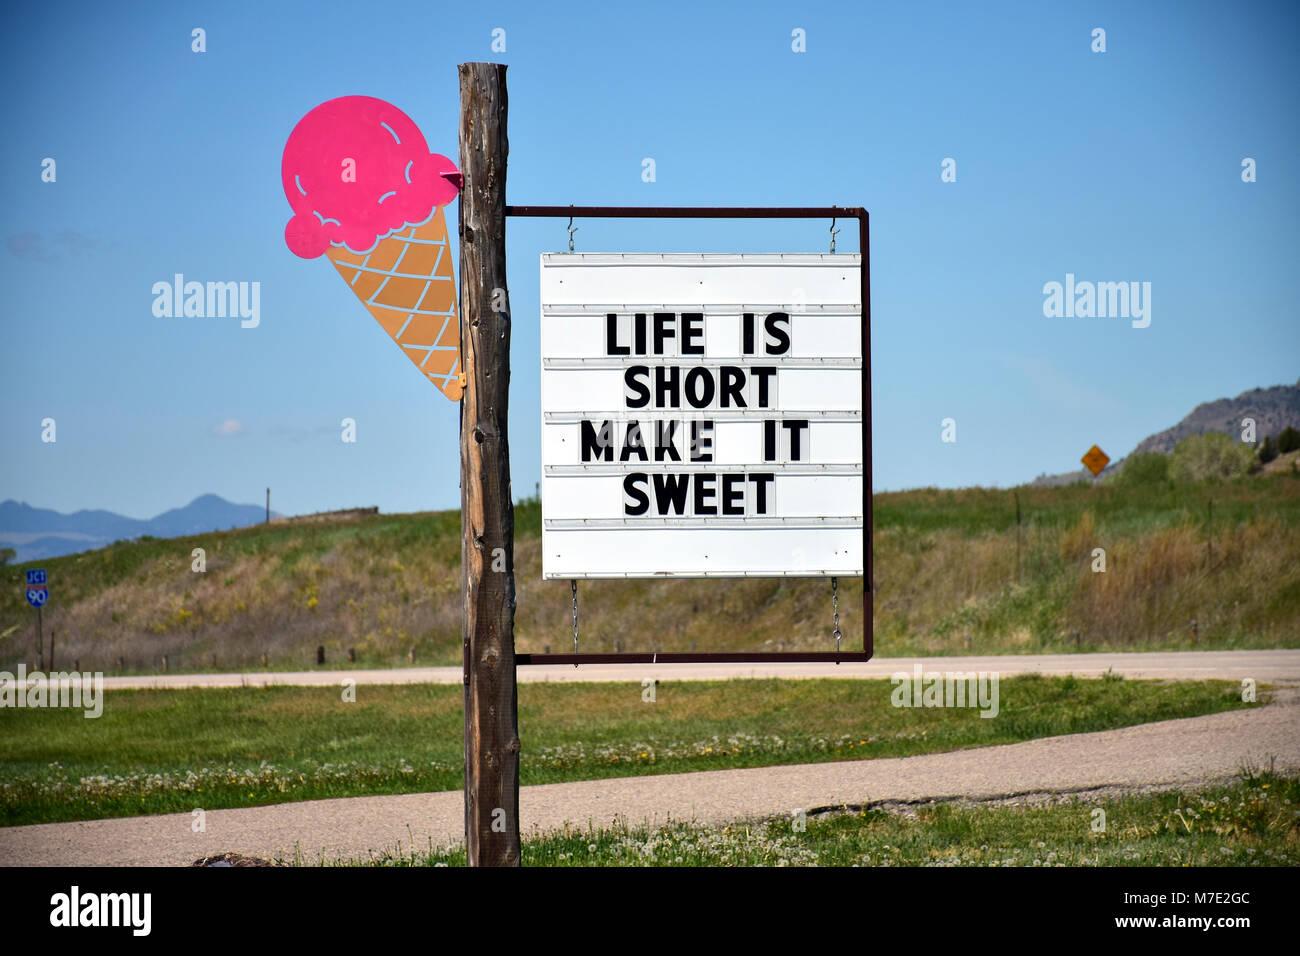 Make it sweet - Stock Image